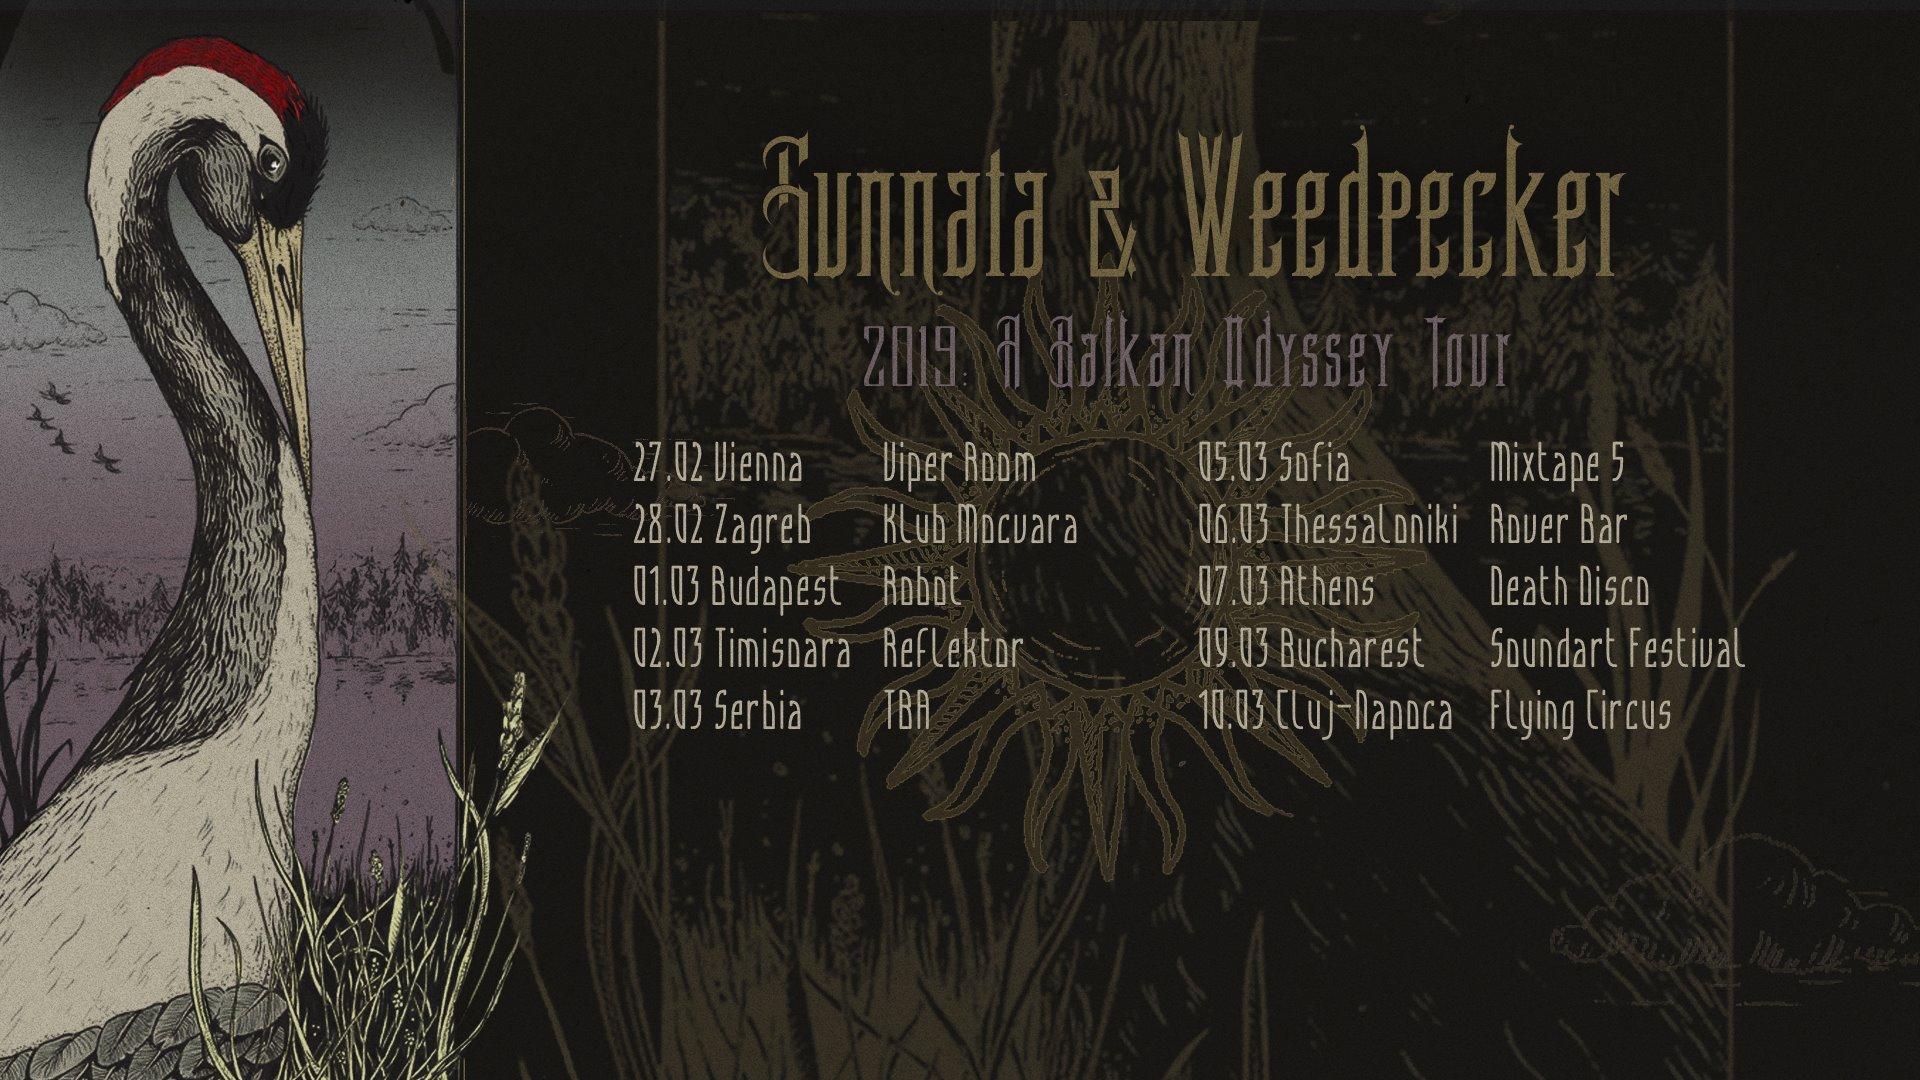 sunnata weedpecker tour